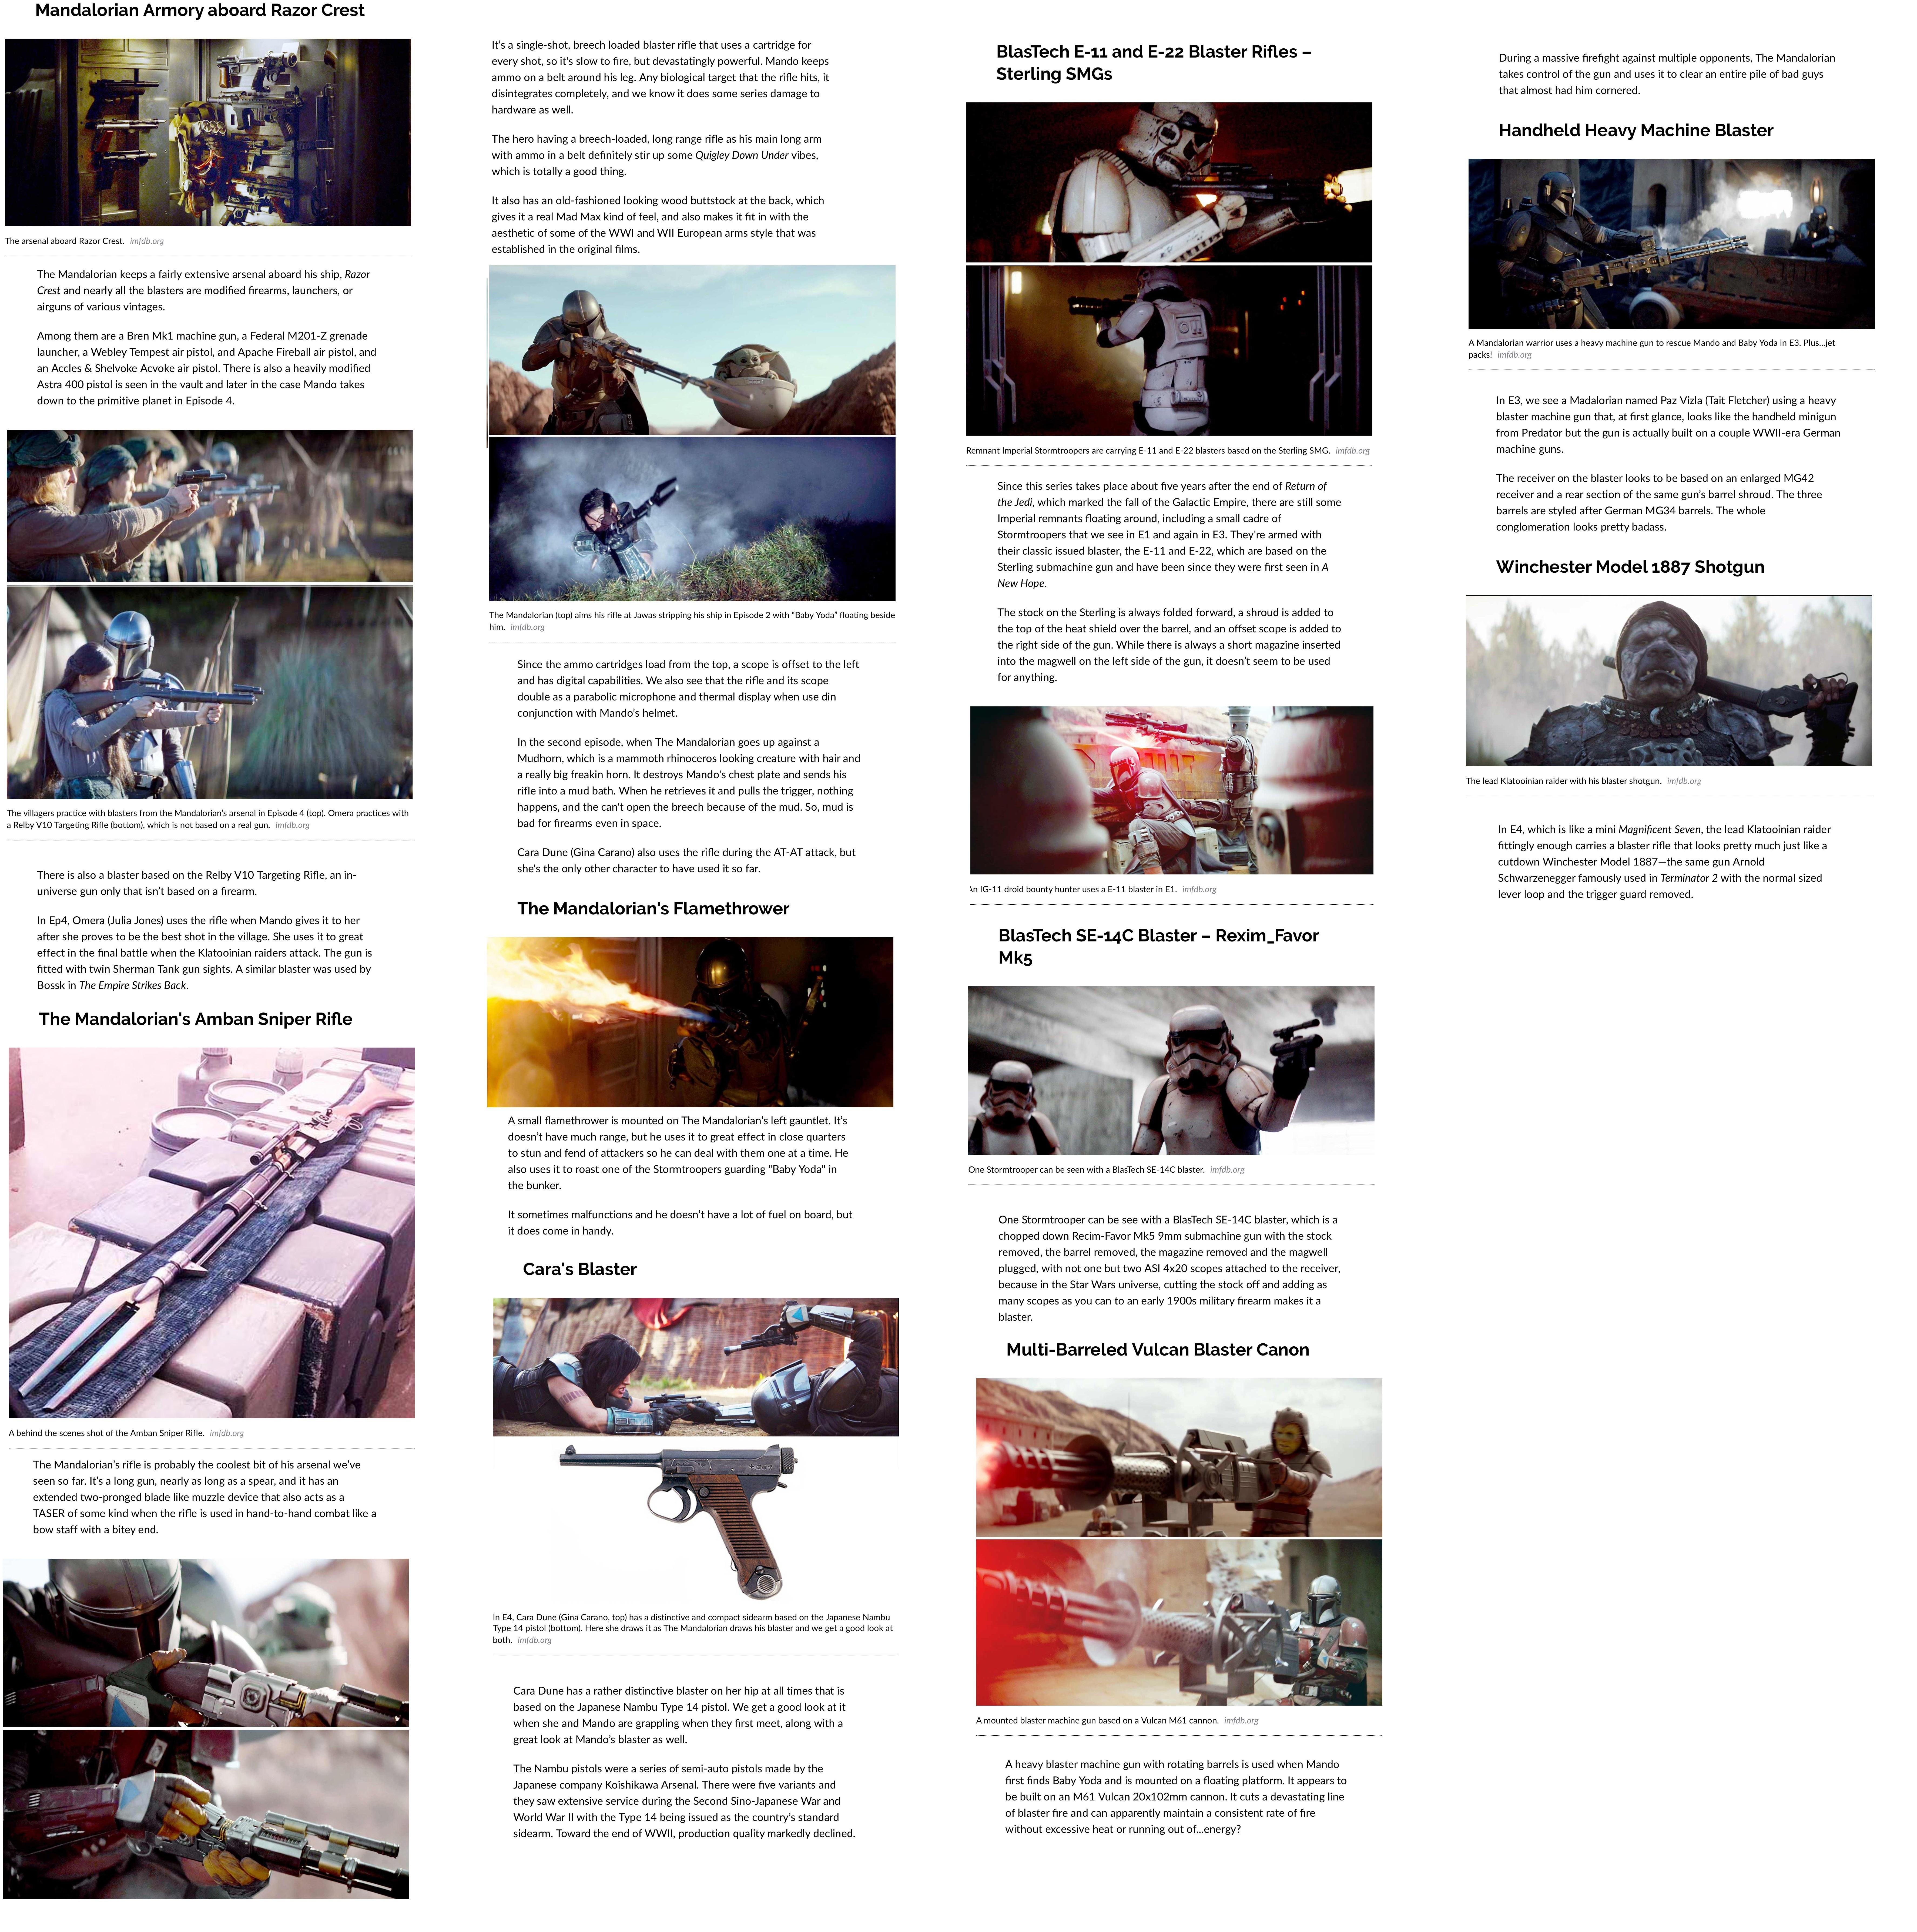 Mandalorian_Weapons (1).jpg